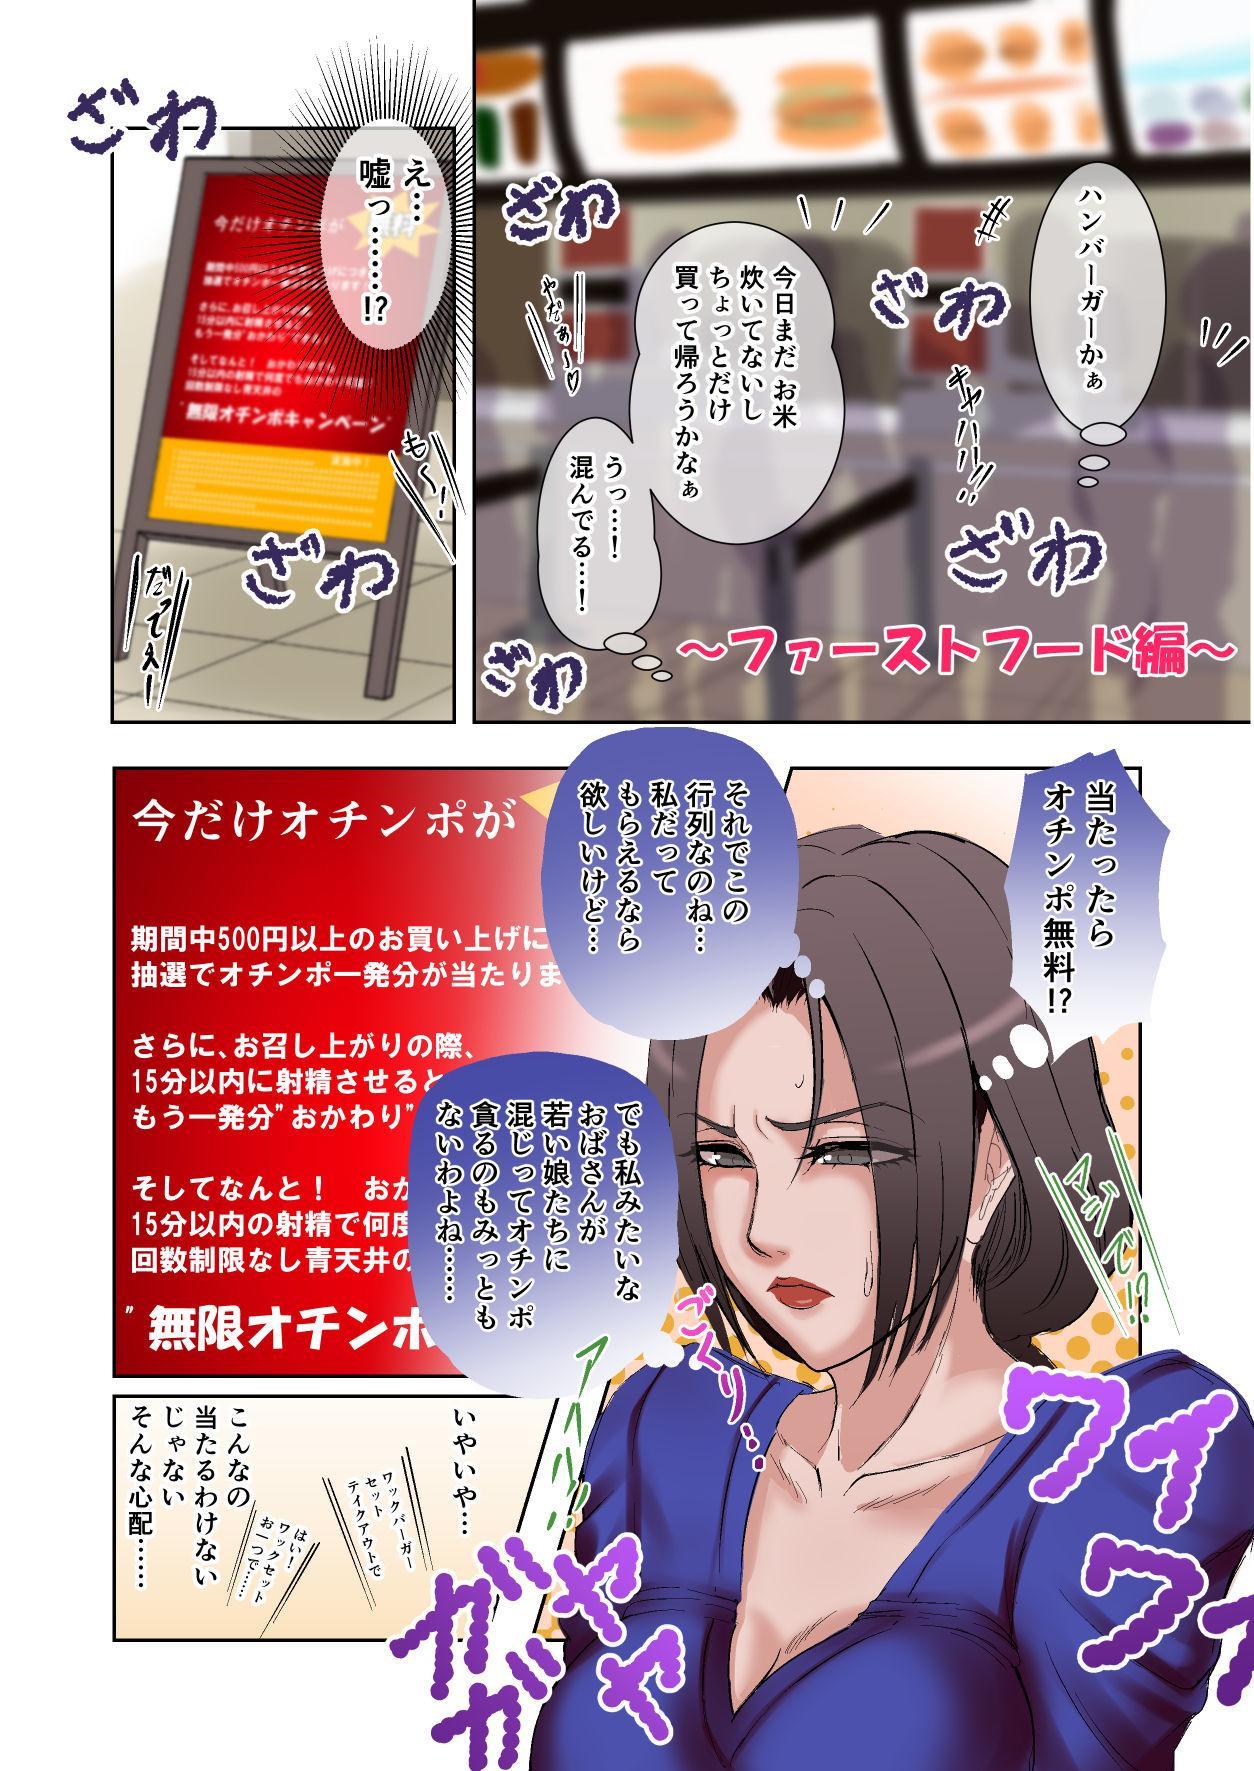 Machi Chuu ni Ochinpo no Aru Fuukei 33